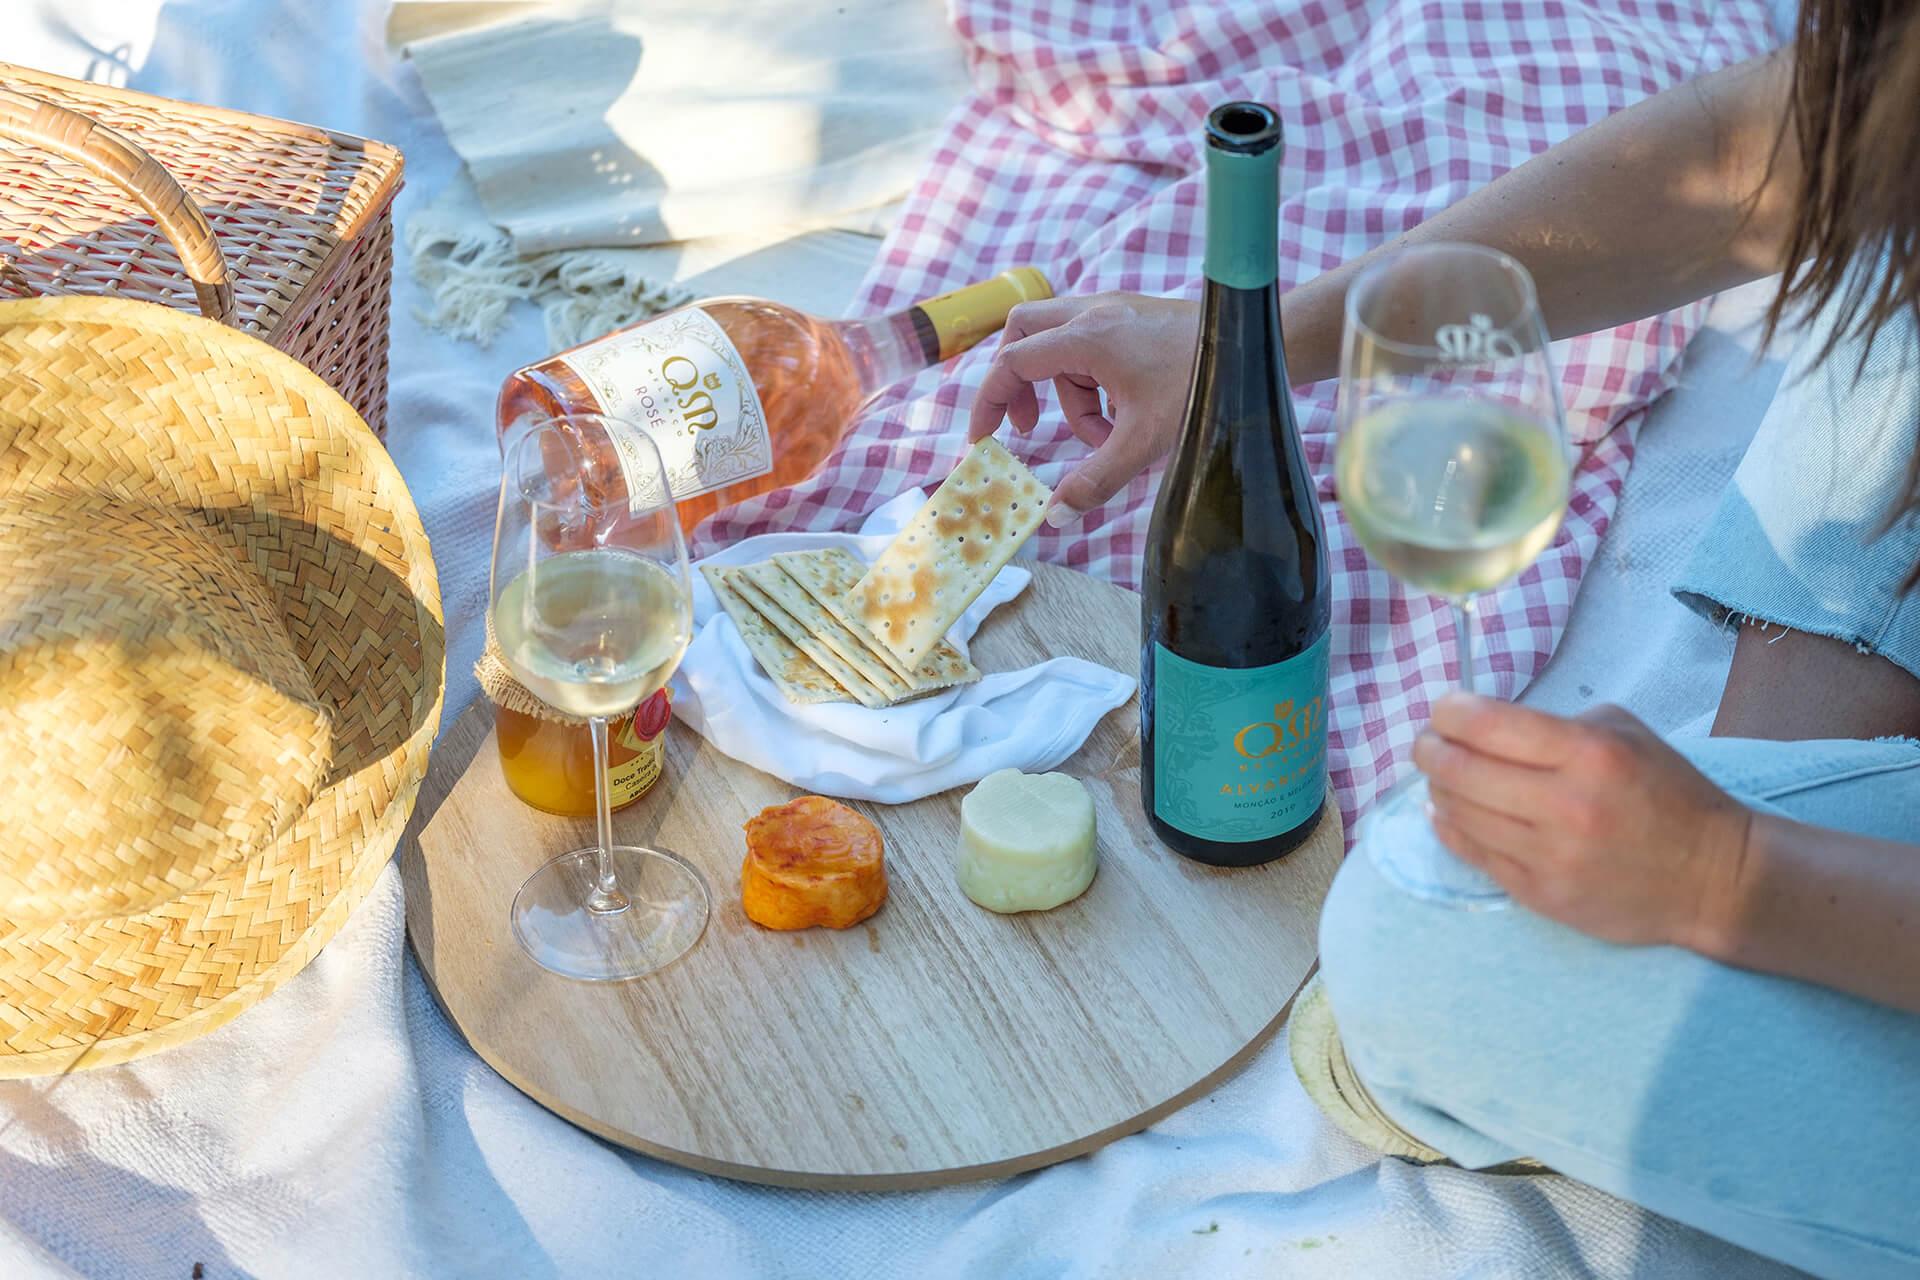 Quintas de Melgaço – Picnic in the Vineyards